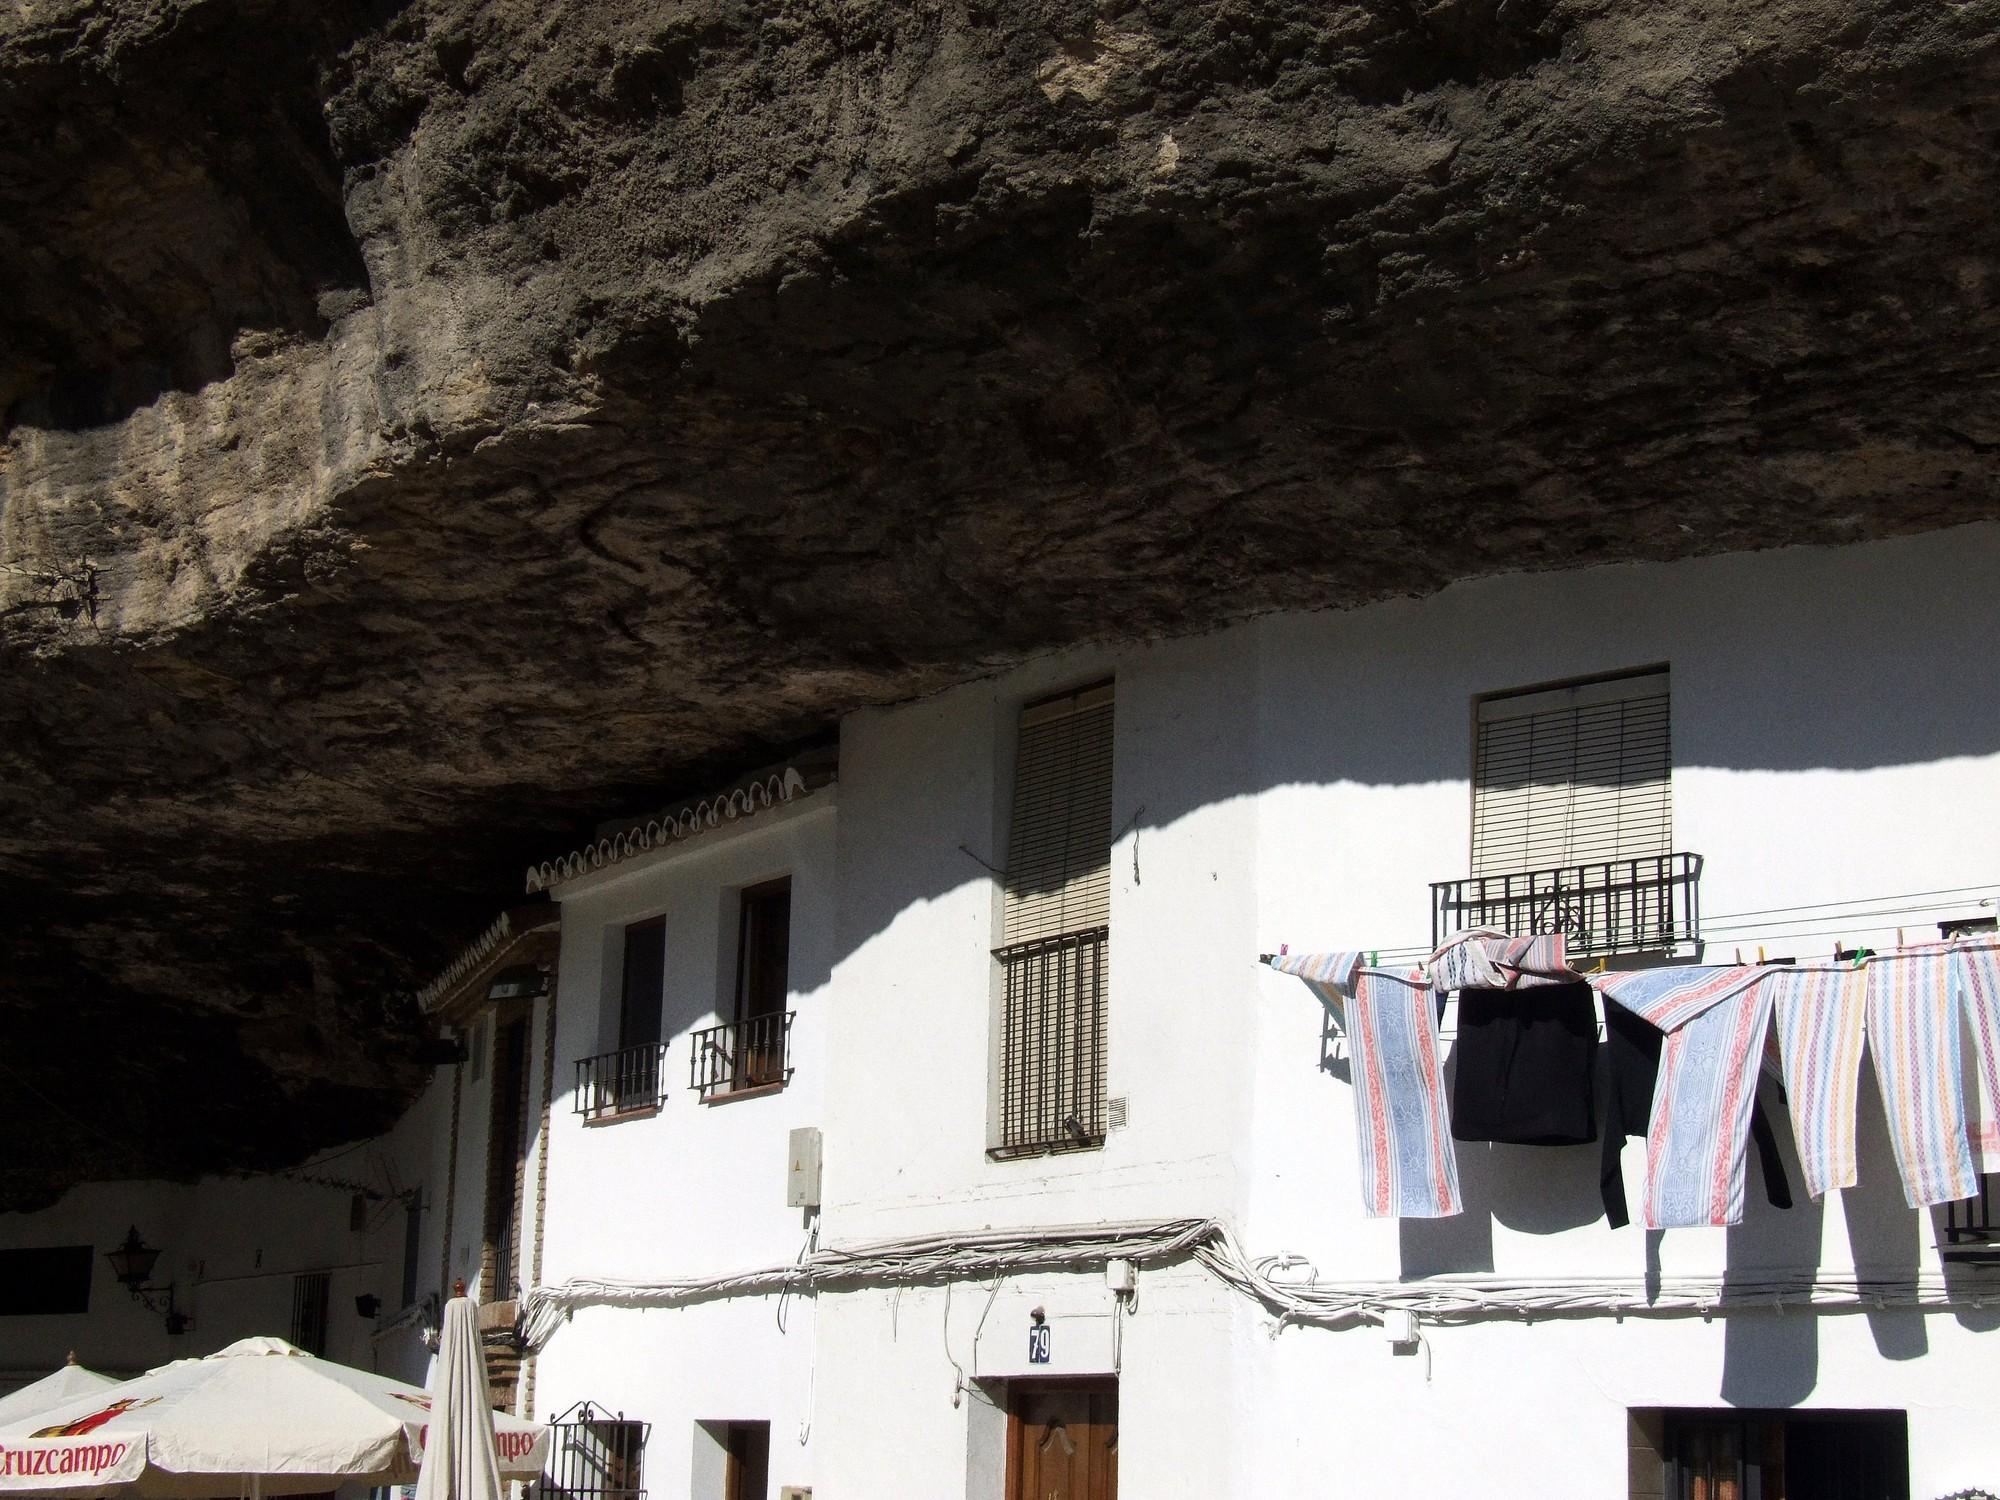 3. Setenil de las Bodegas - Living Under a Rock: Setenil de las Bodegas, Cádiz